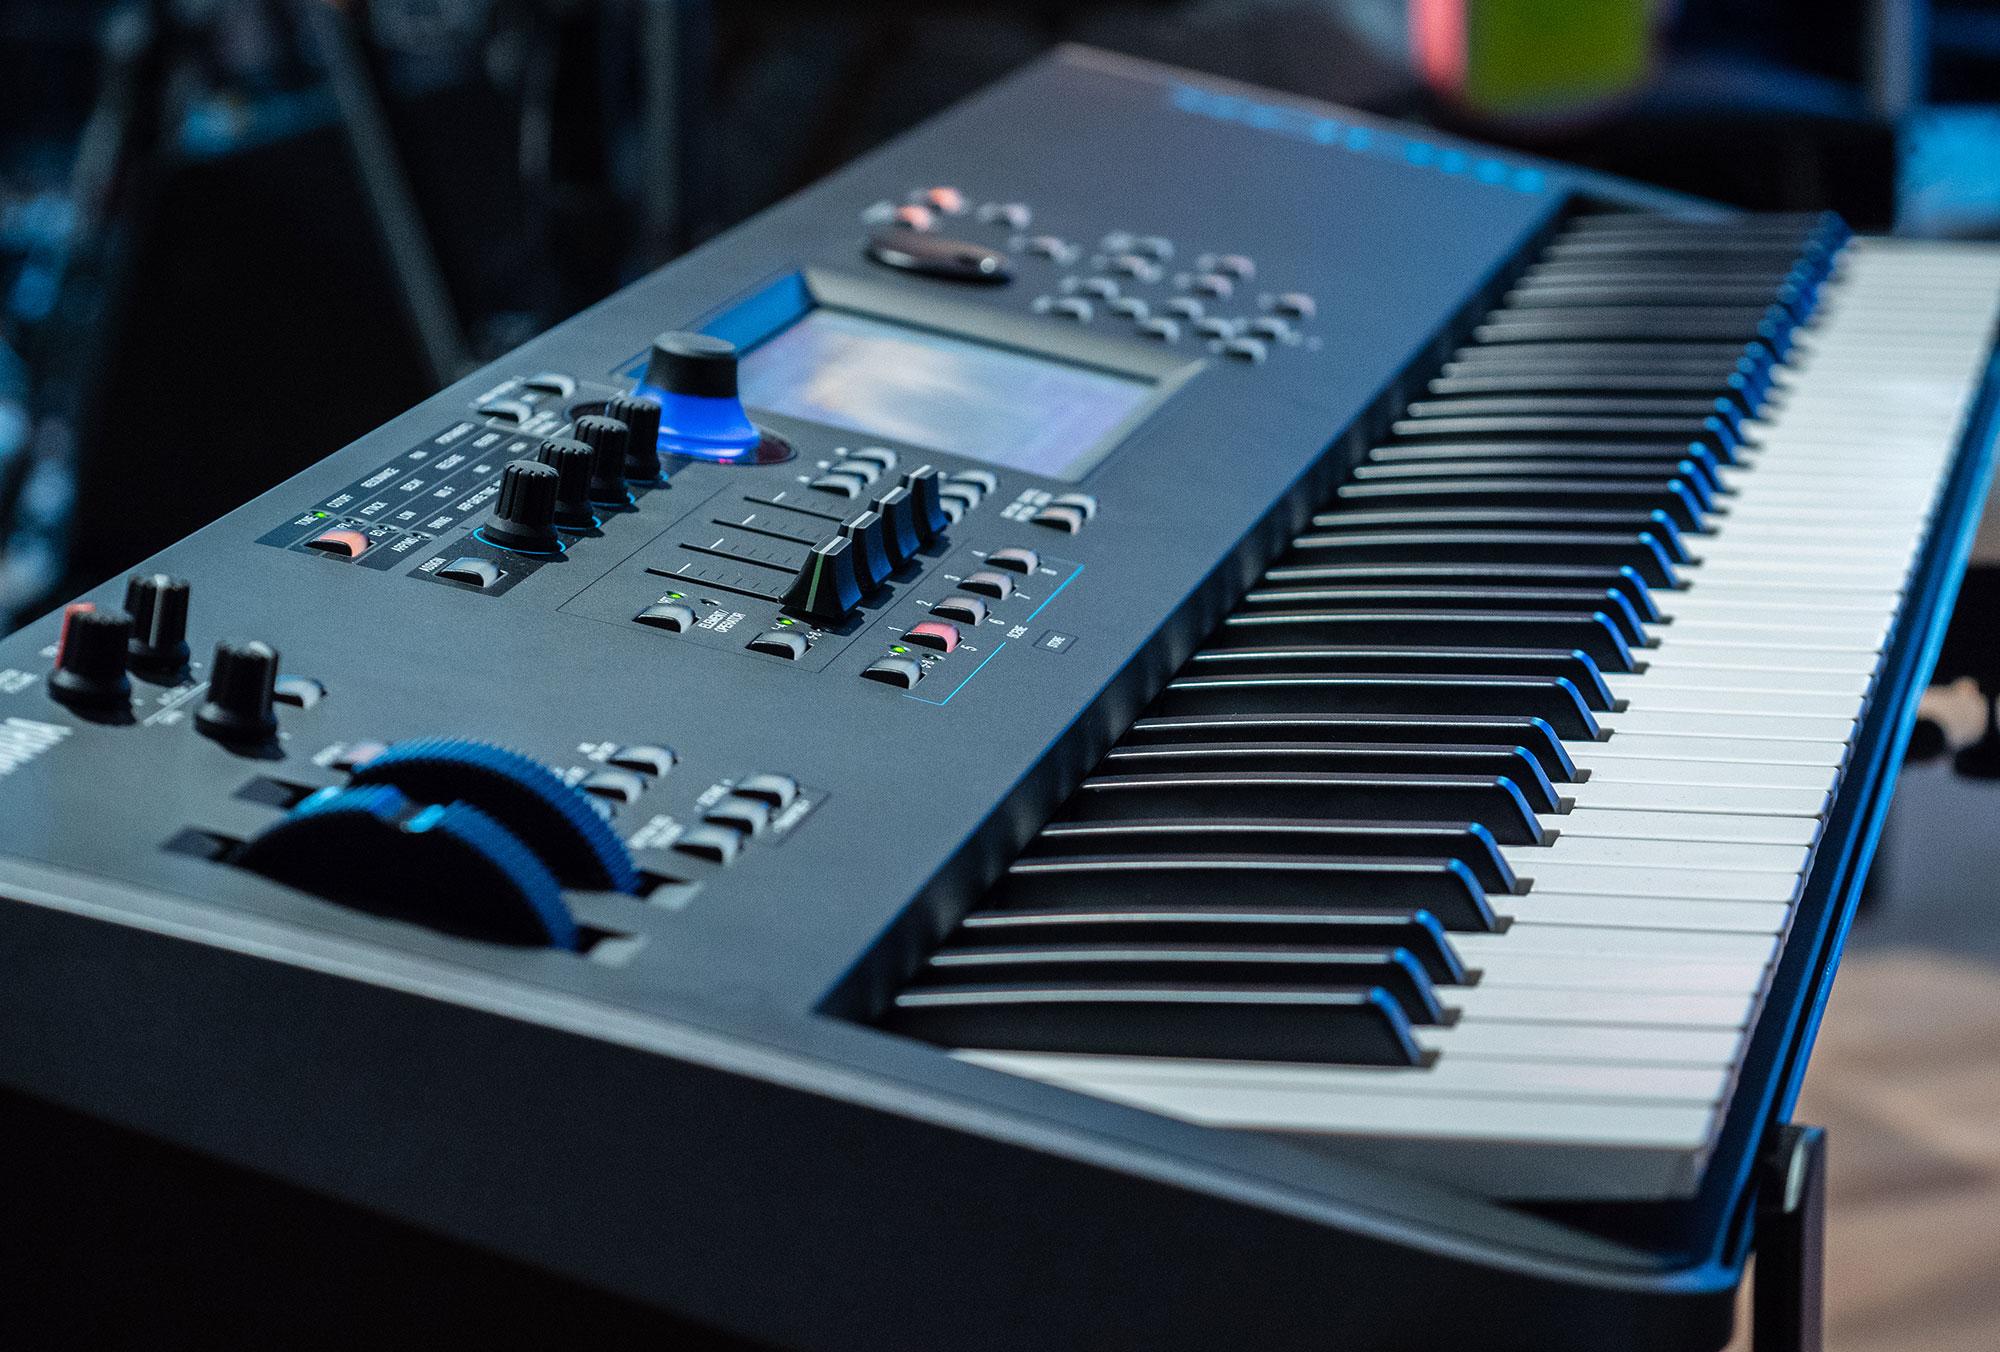 Yamaha Modx El Sonido De Montage En Una Gama M 225 S